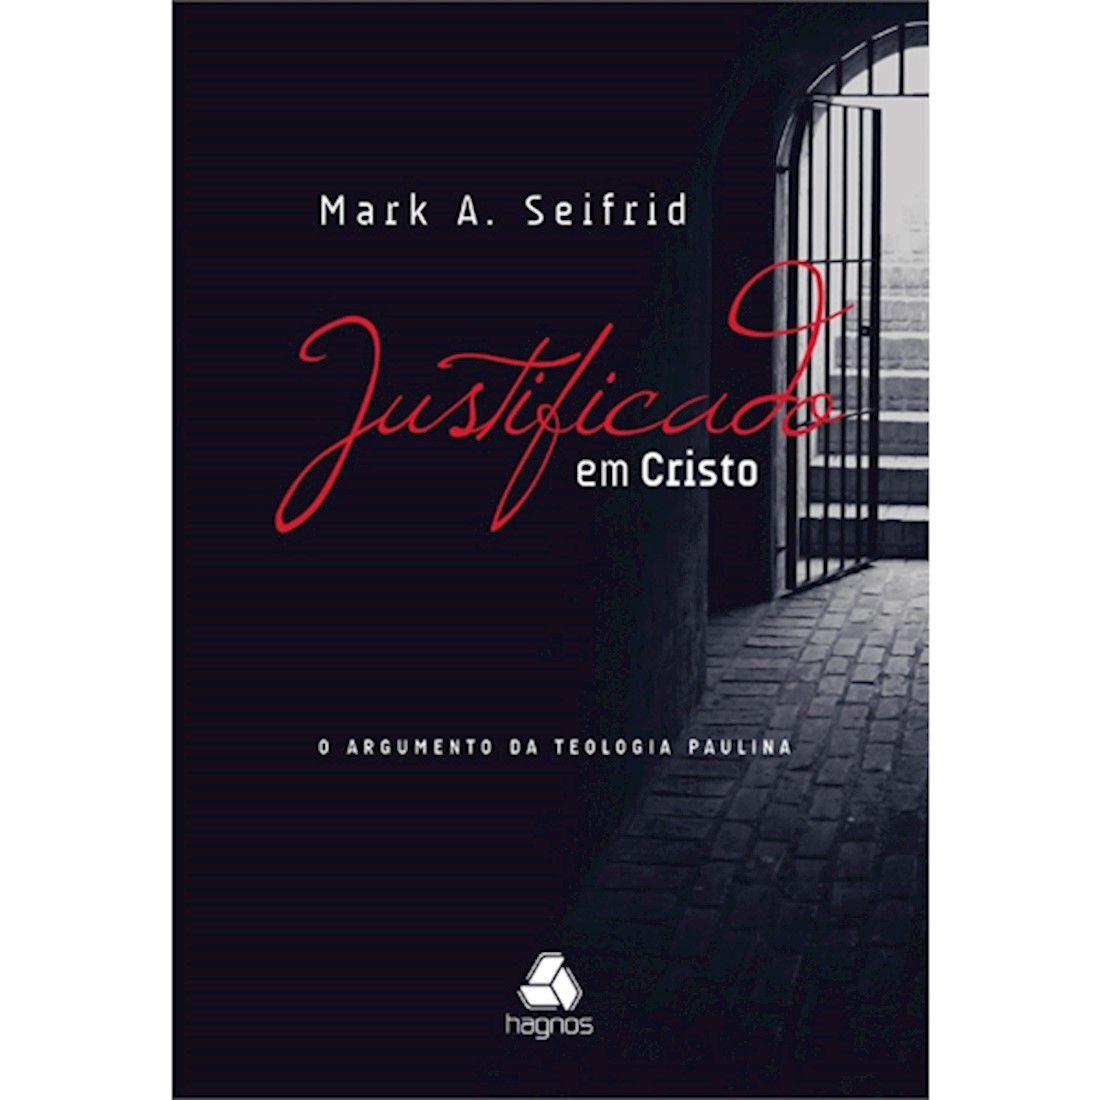 Livro Justificado em Cristo